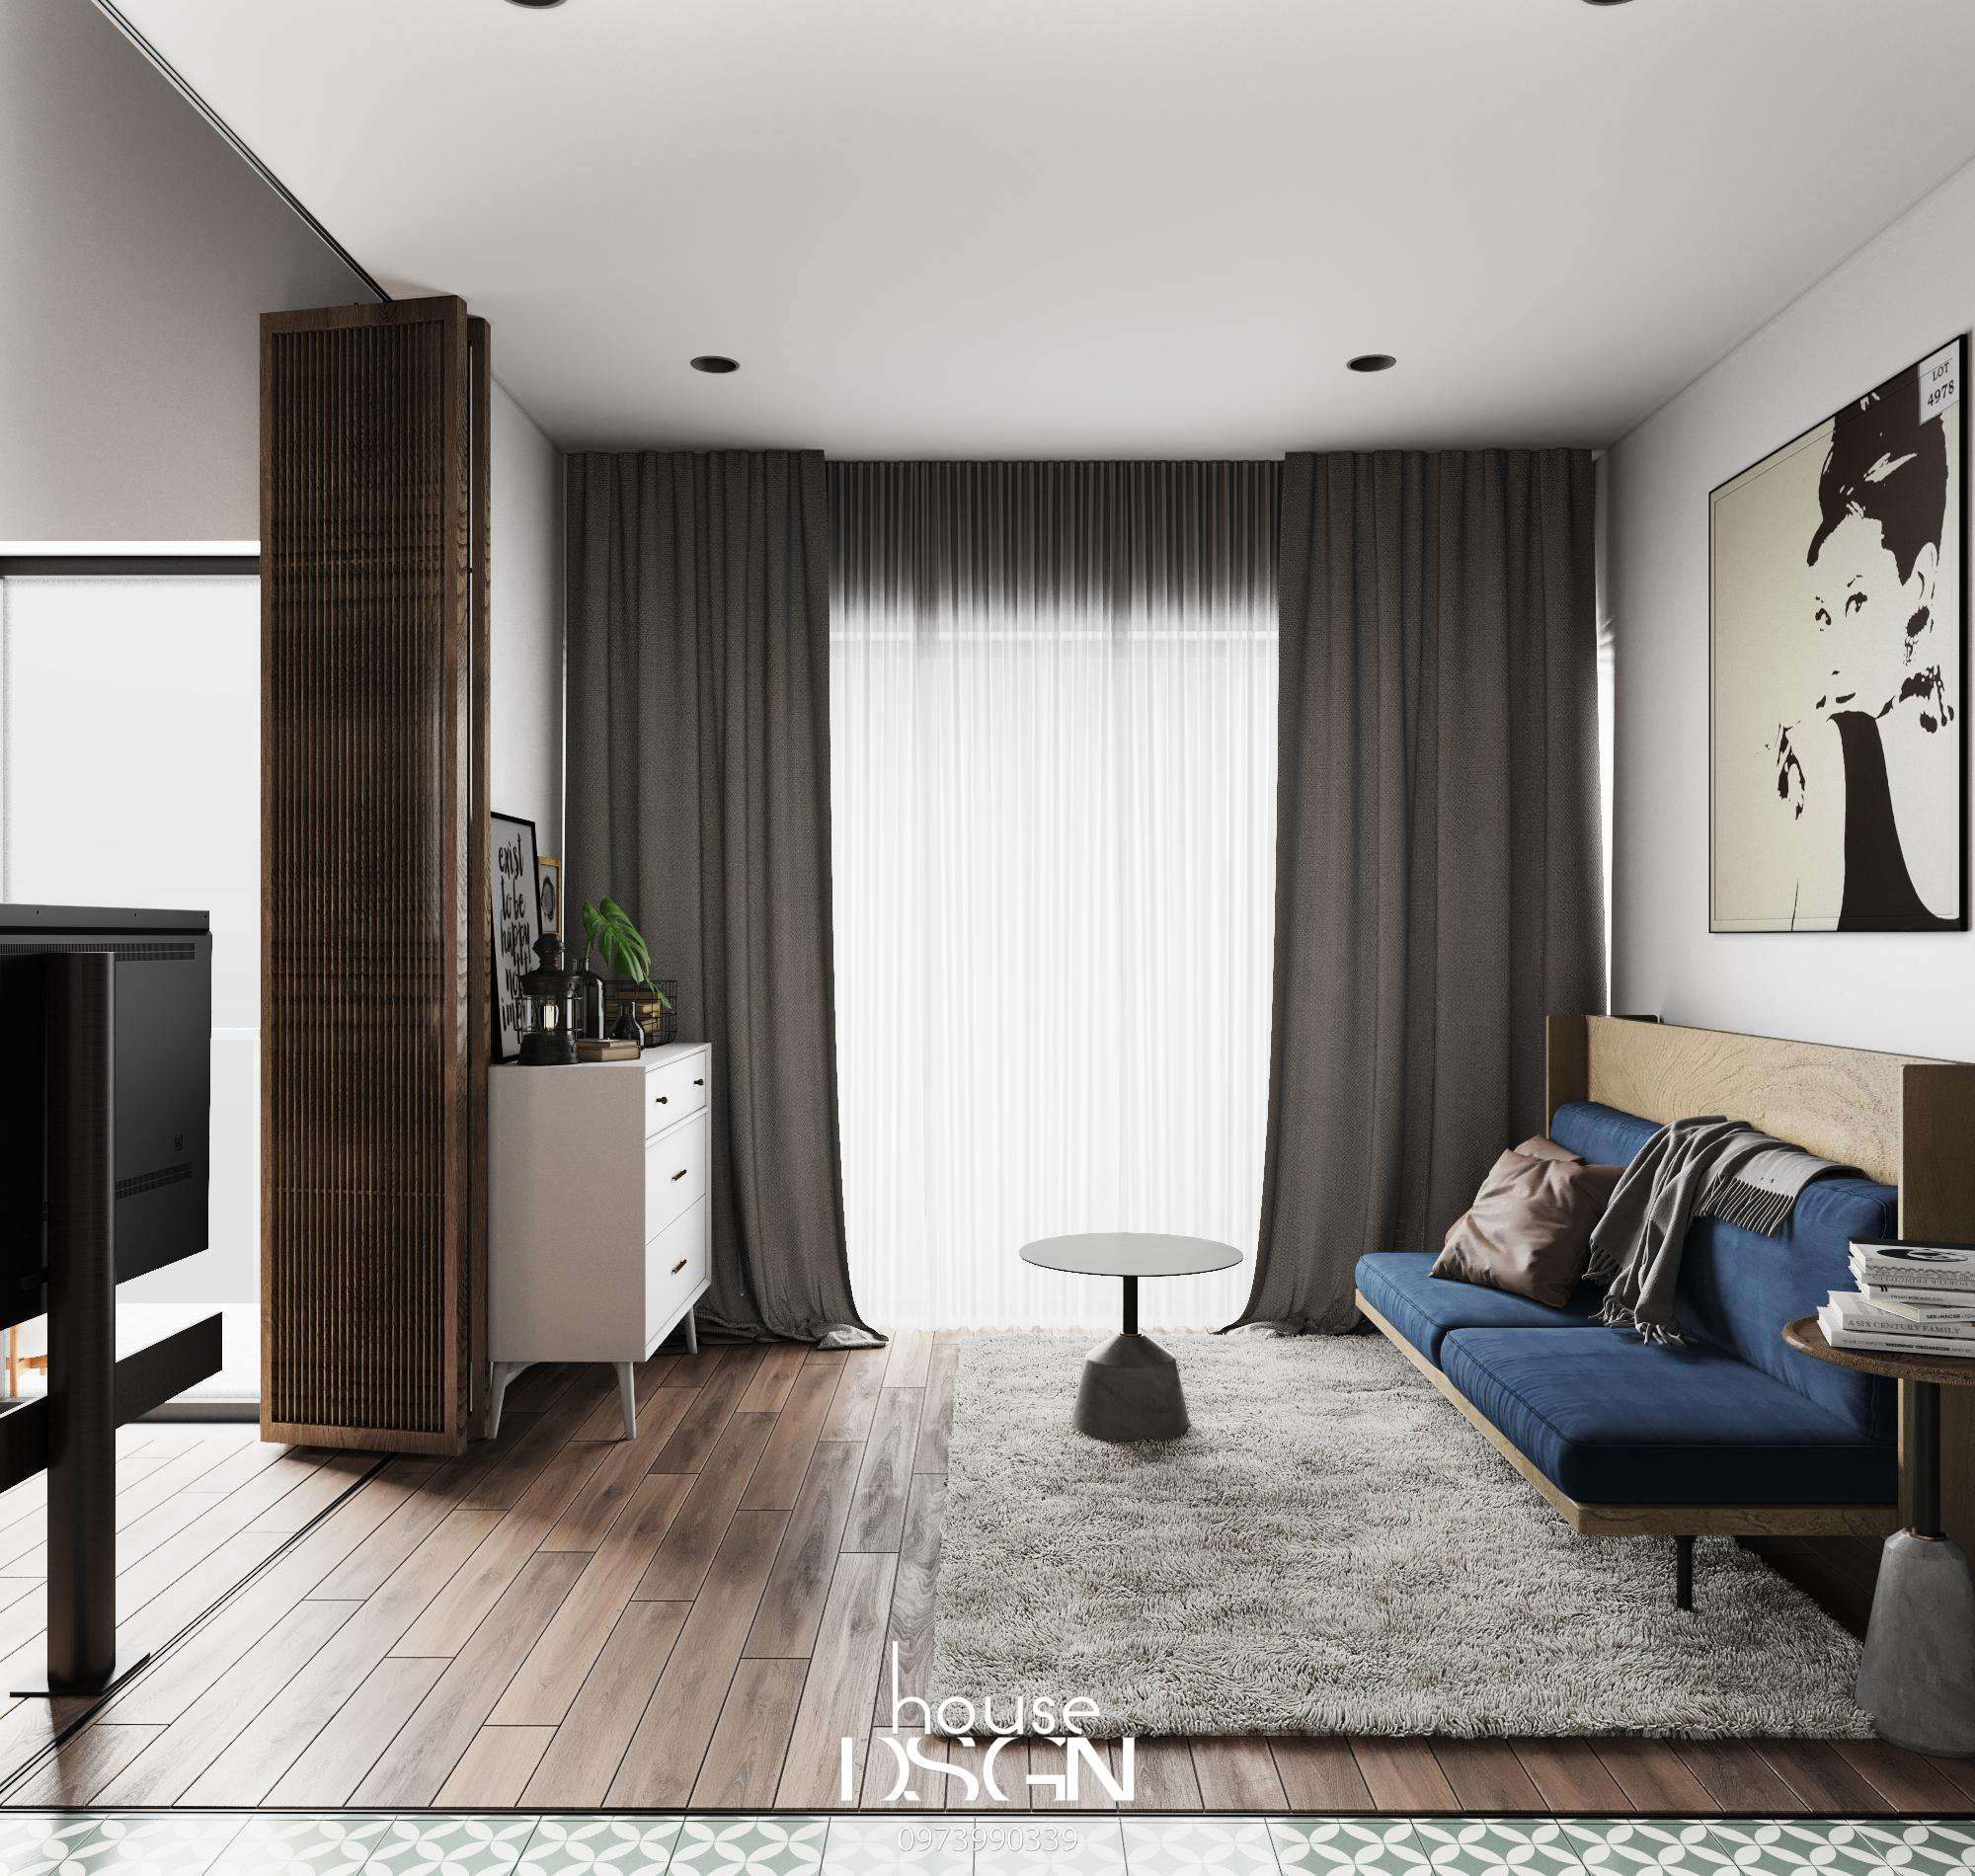 kích thước giường đôi - Housedesign